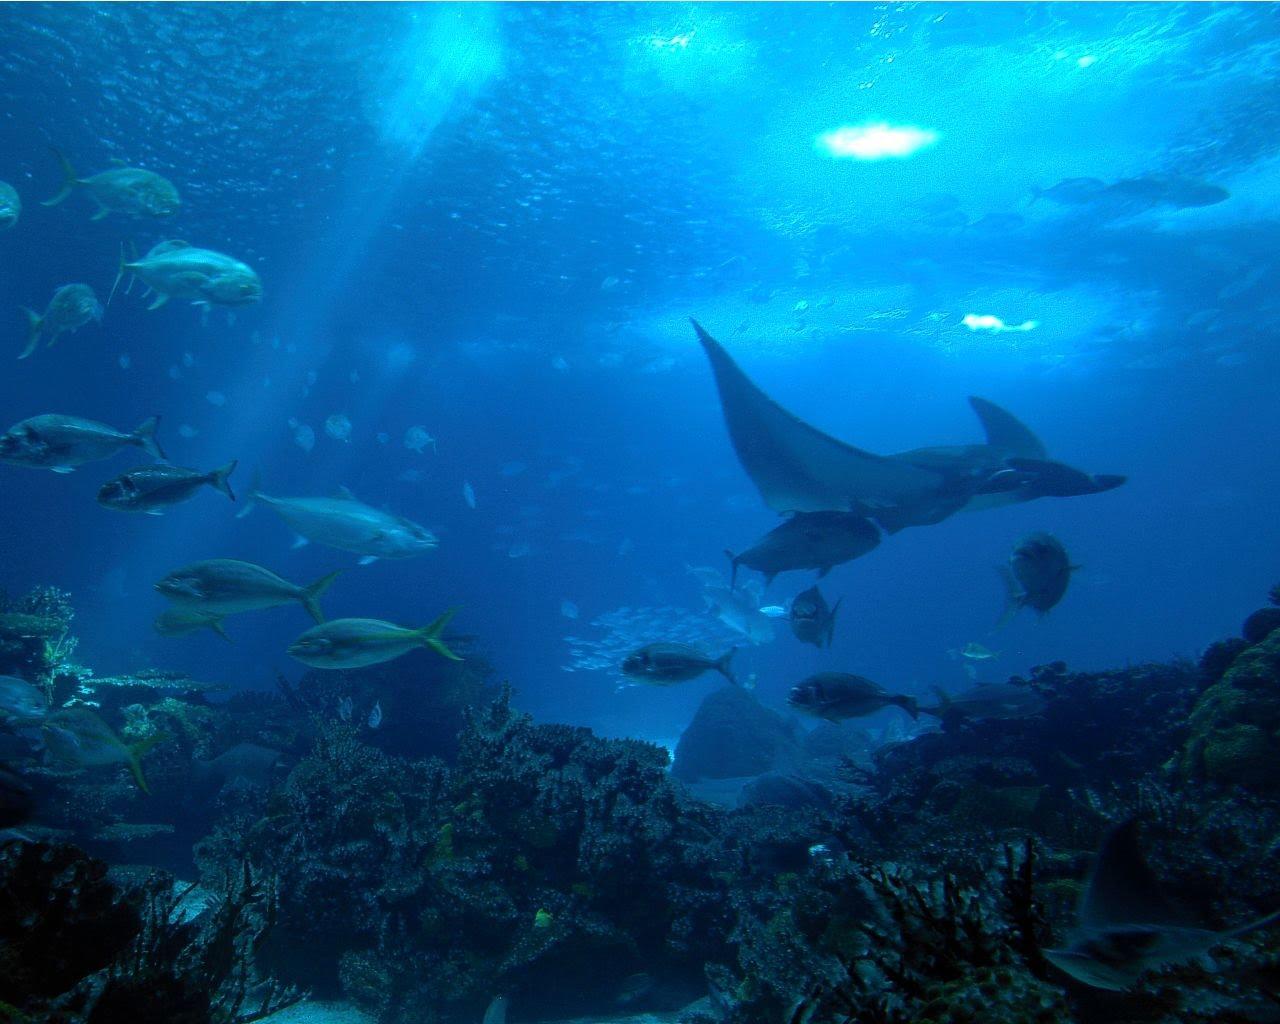 http://2.bp.blogspot.com/_V3914ZT99zc/TA312PiSVXI/AAAAAAAAACo/B5hLuAtpnlg/s1600/Oceano02.jpg